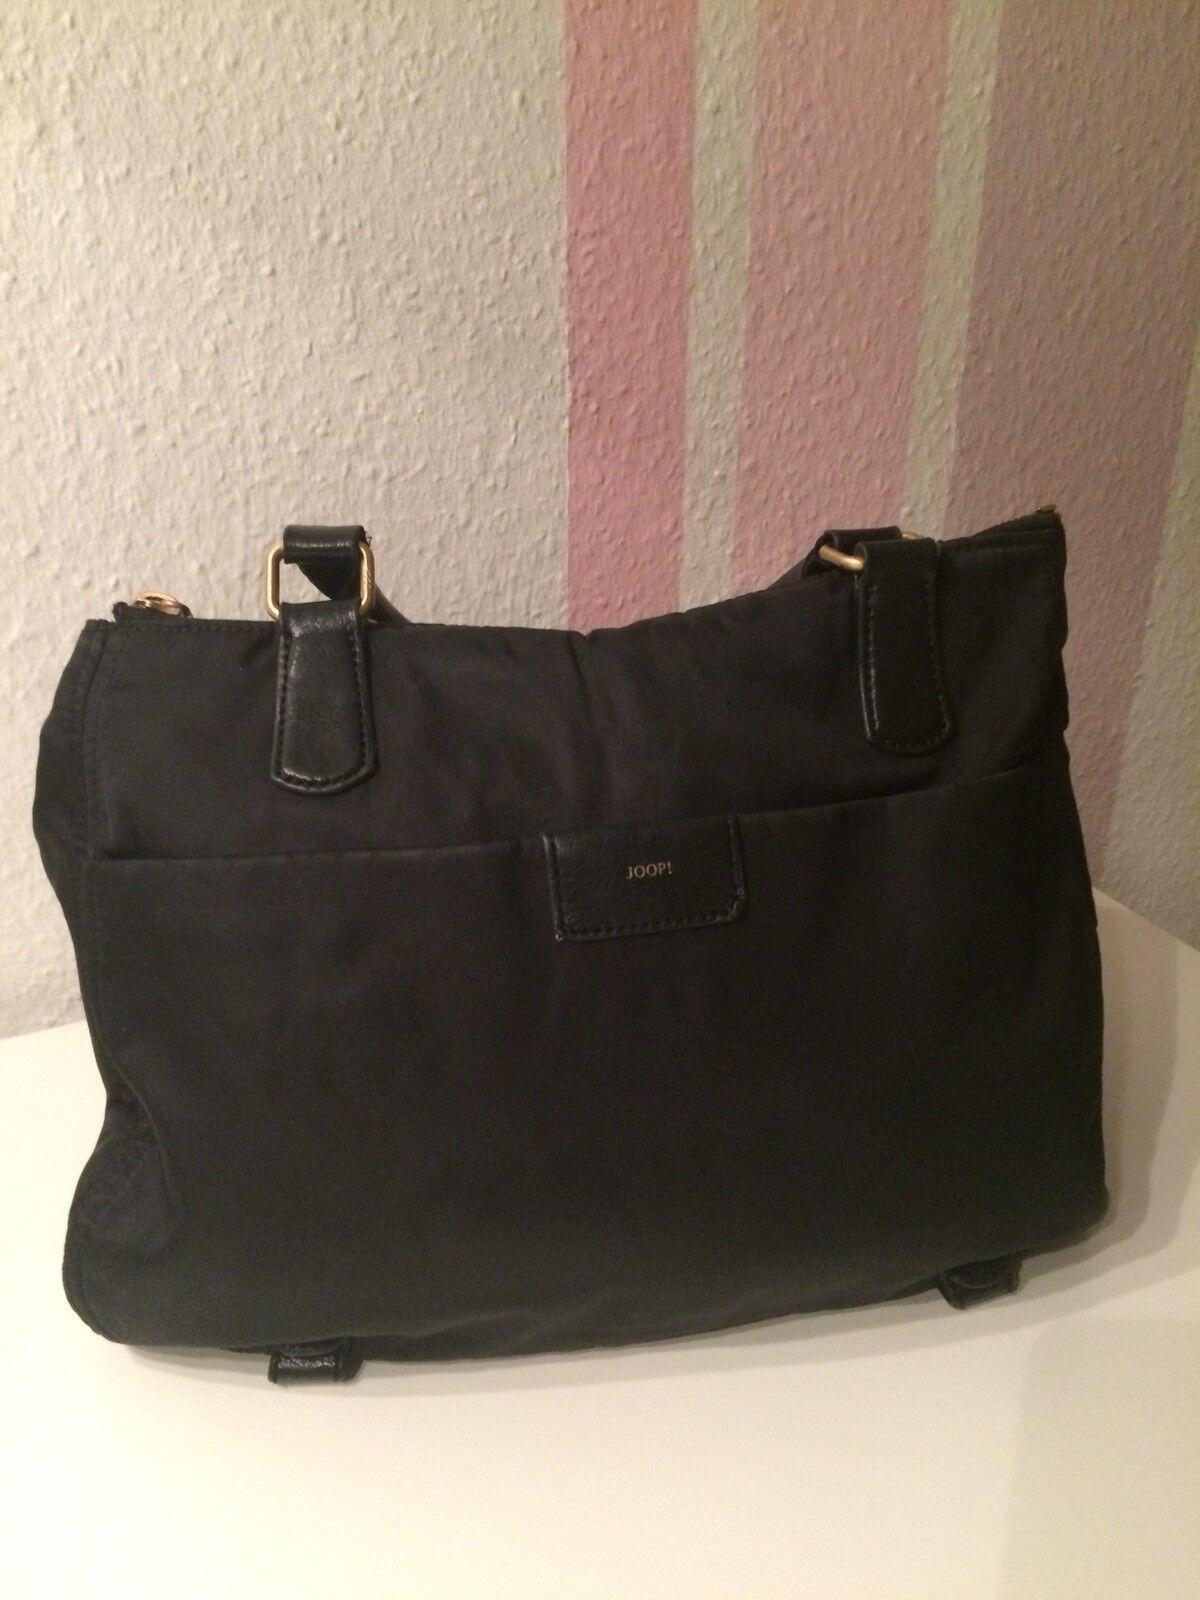 Schwarze Joop Handtasche | Erste in seiner seiner seiner Klasse  4e251b